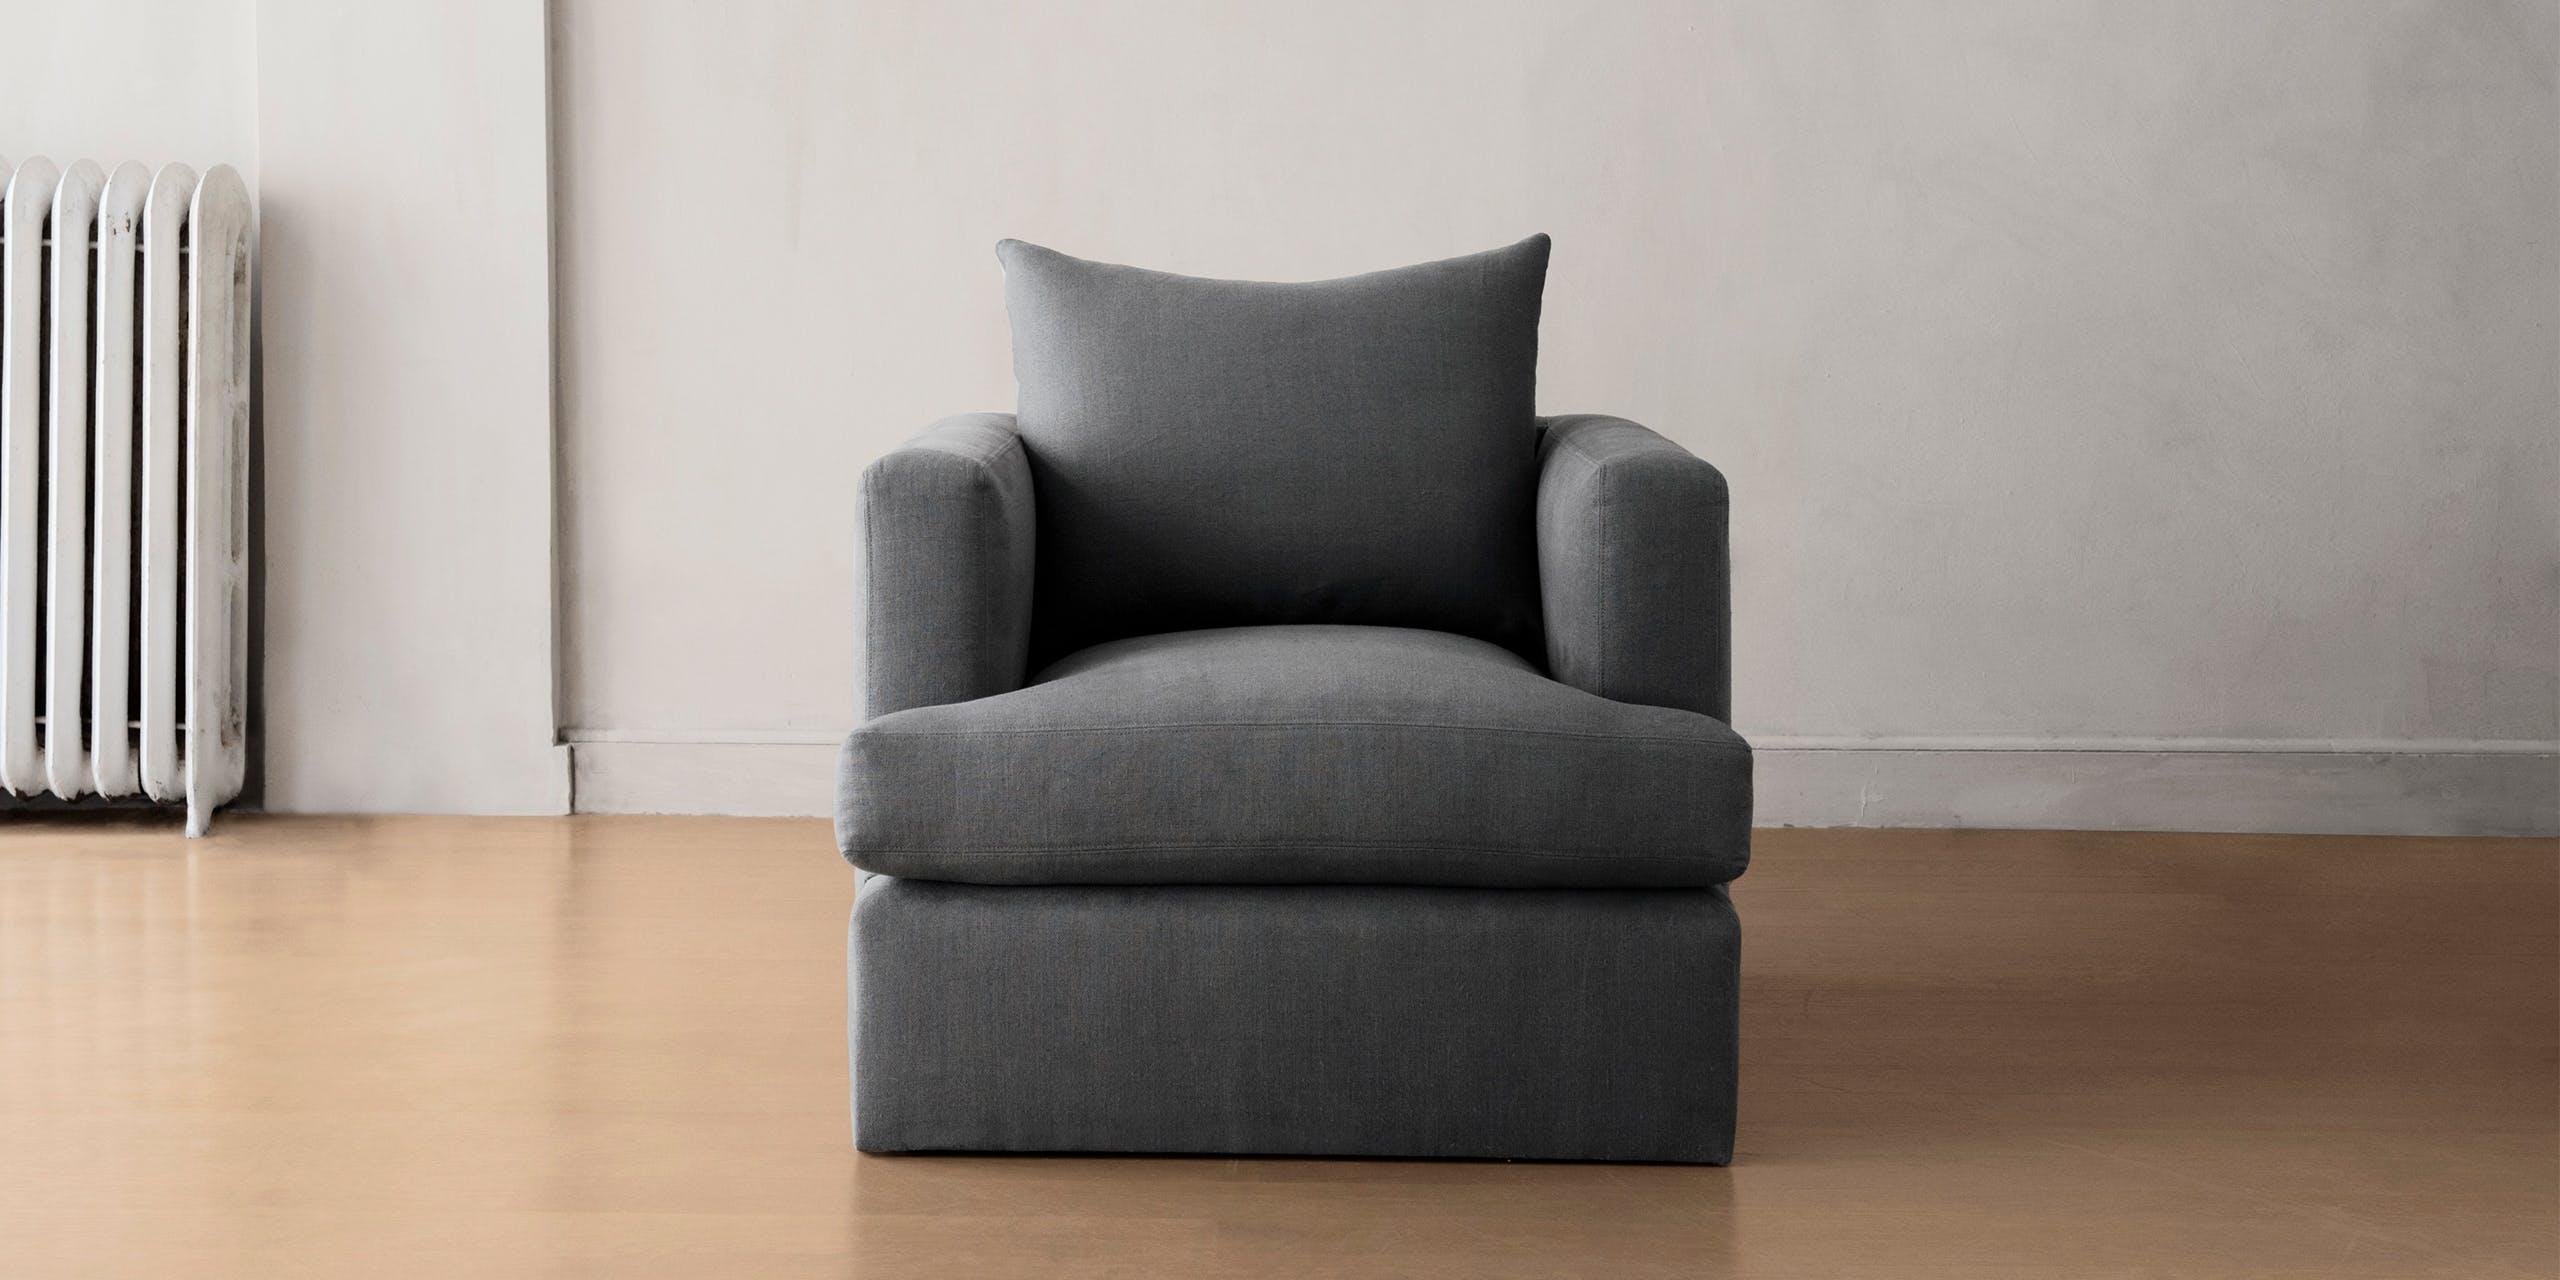 Chelsea square lounge chair main.jpg?ixlib=rails 2.1